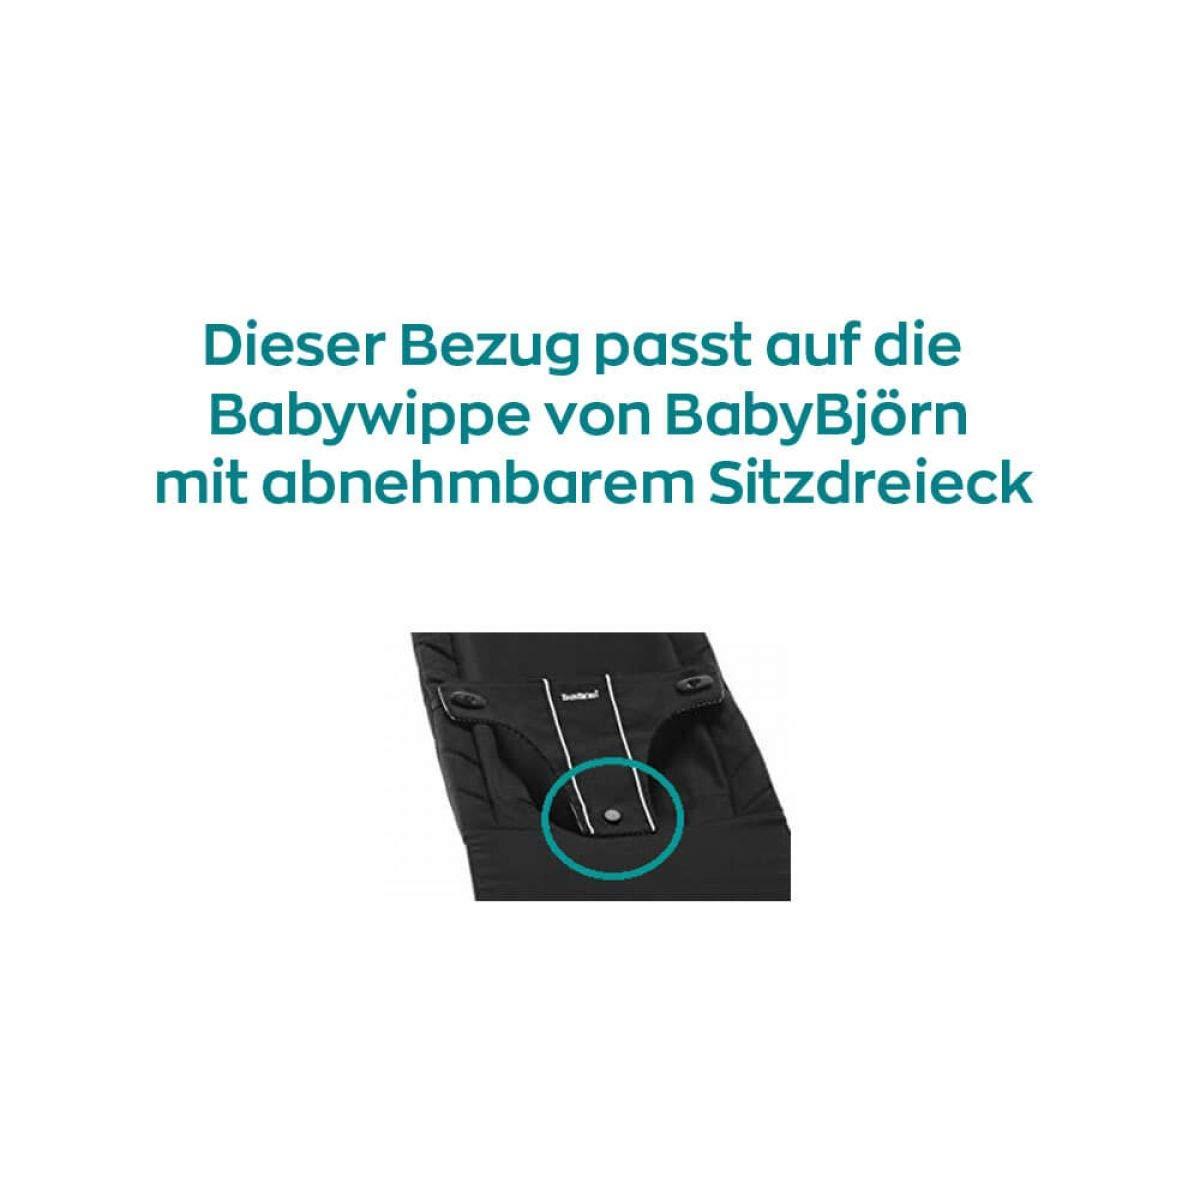 Funda en ukje para mecedora para beb/é Baby Bj/örn Balance 1/ /2/de 3/ /Gris tri/ángu /Por ambos lados costumbre Bar/ la Vieja estructura de la Baby Bj/örn Baby Balanc/ín /